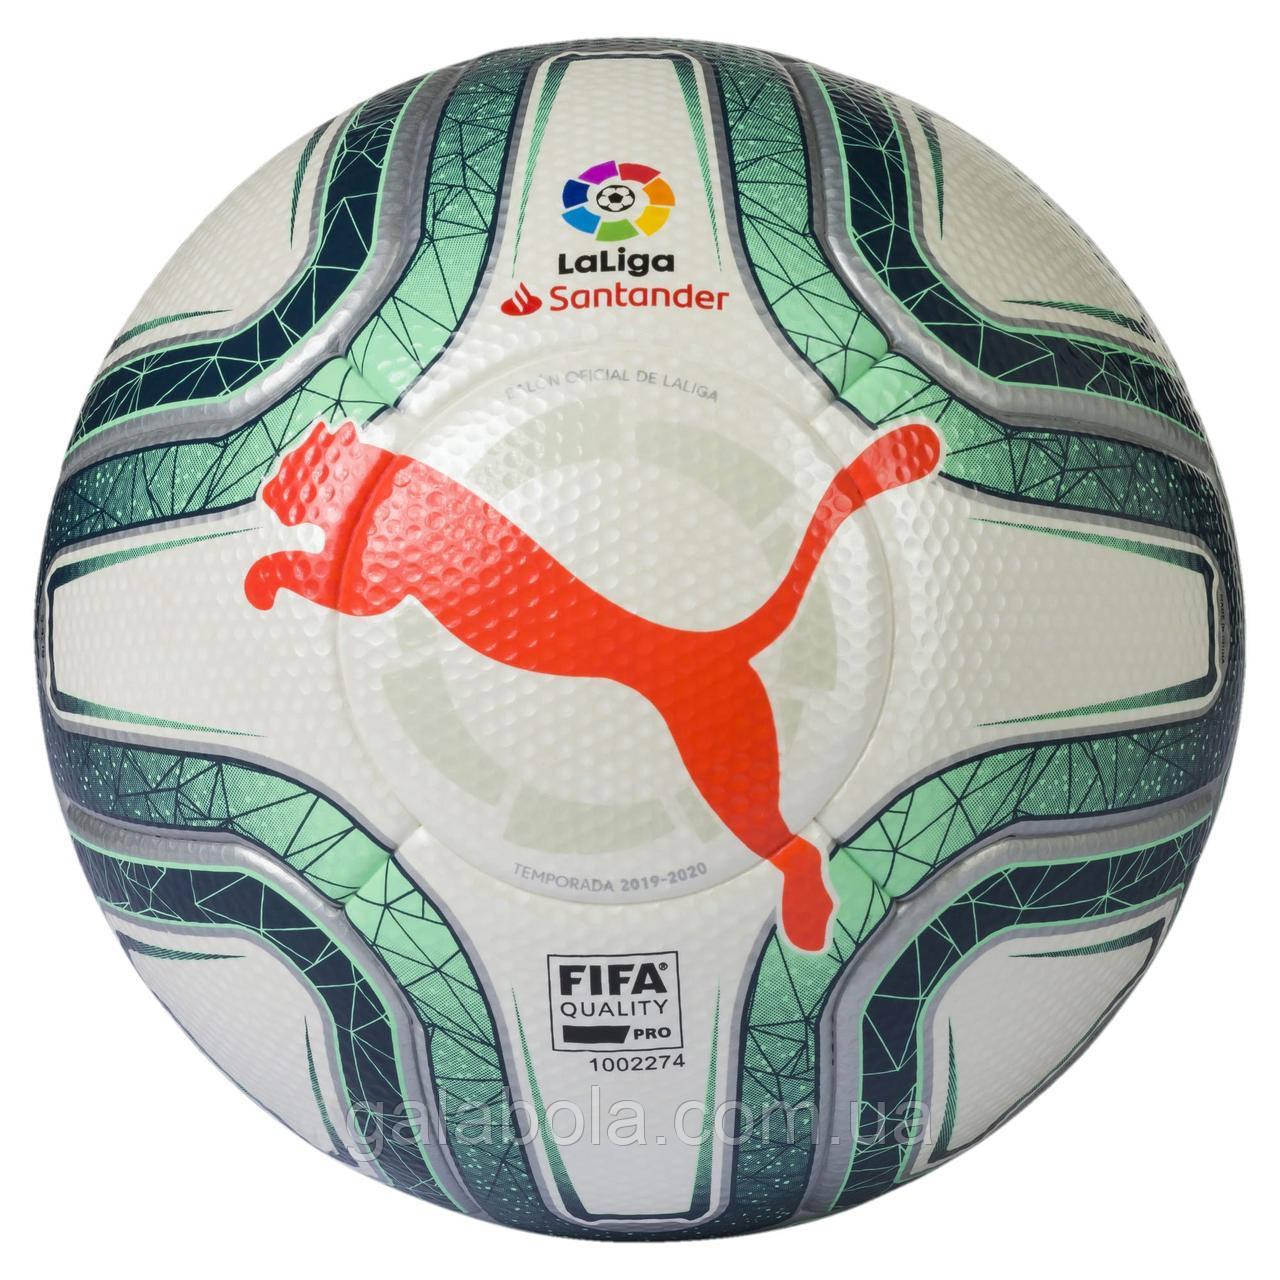 Мяч футбольный PUMA LALIGA 1 FIFA QUALITY PRO 083396-01 (размер 5)